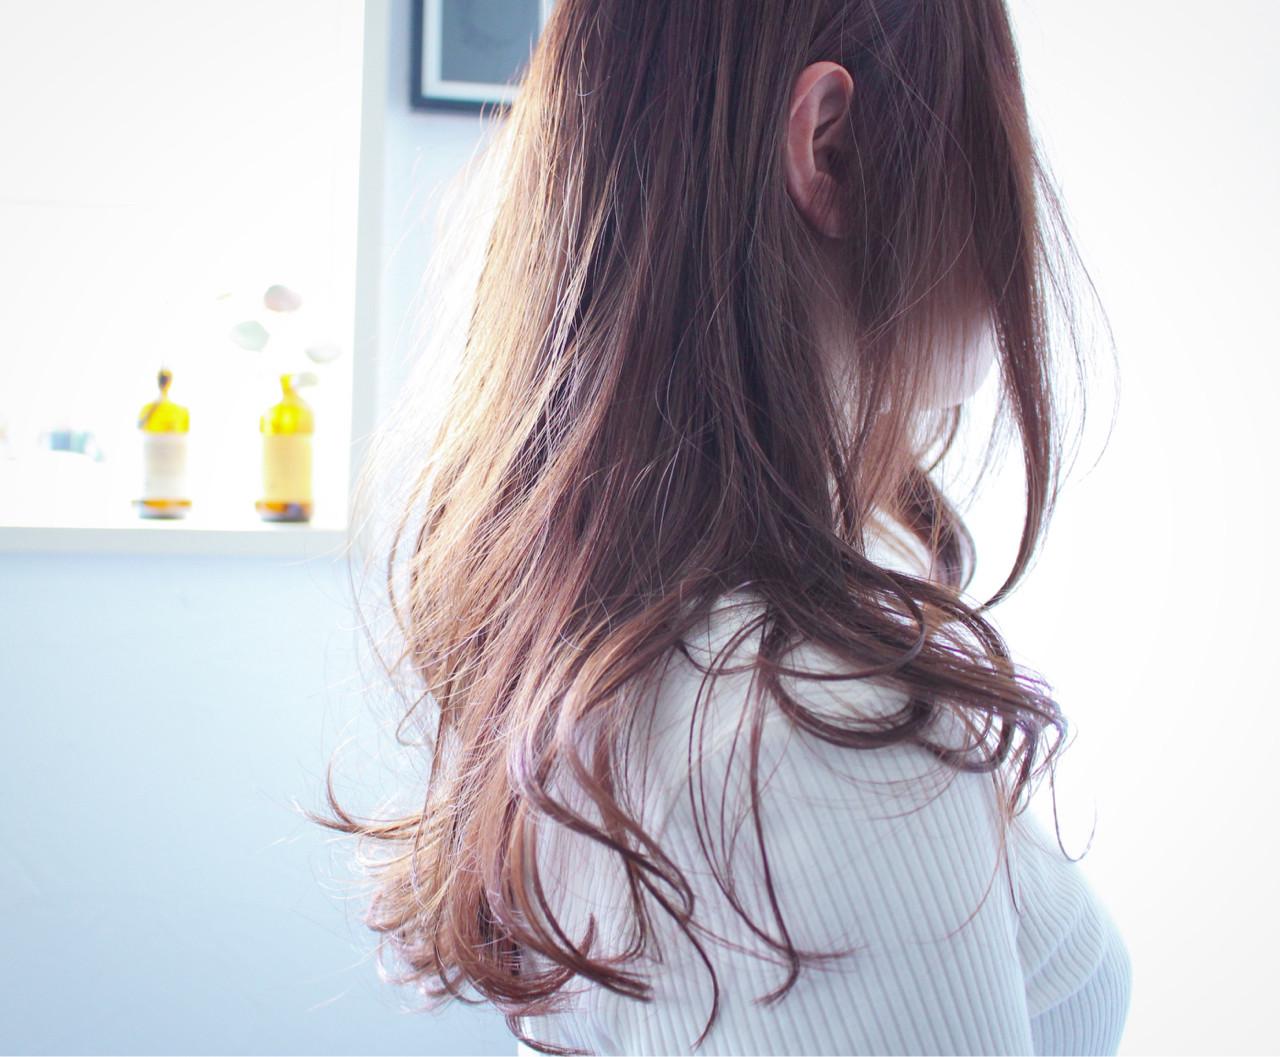 ロング ラベンダーアッシュ ラベンダー ナチュラル ヘアスタイルや髪型の写真・画像 | creap / creap